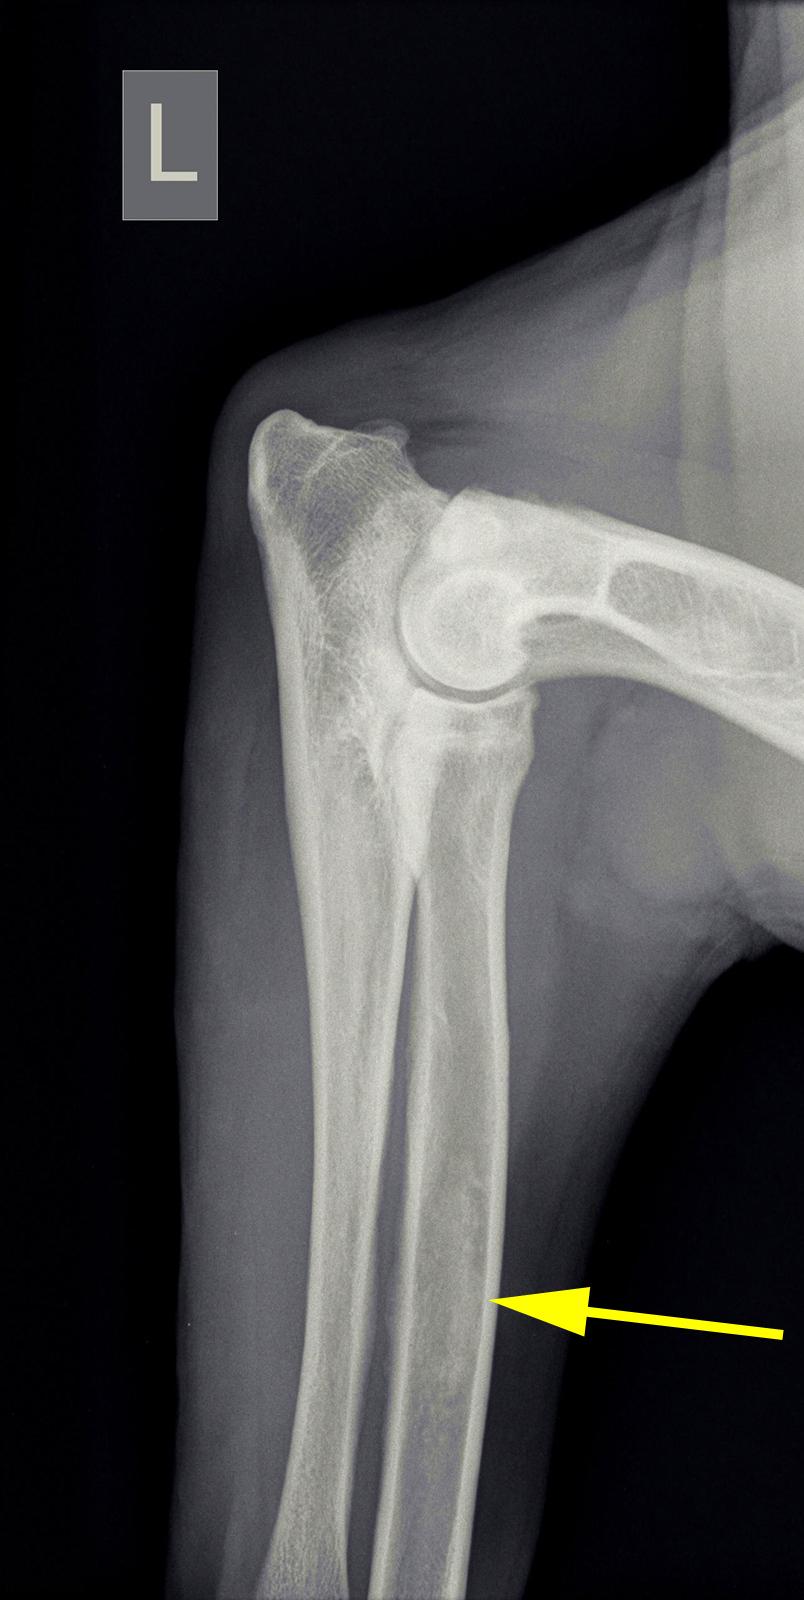 Dierenkliniek Tiel-Drumpt: Op de foto zijn de aanwijzingen voor groeipijn te zien.